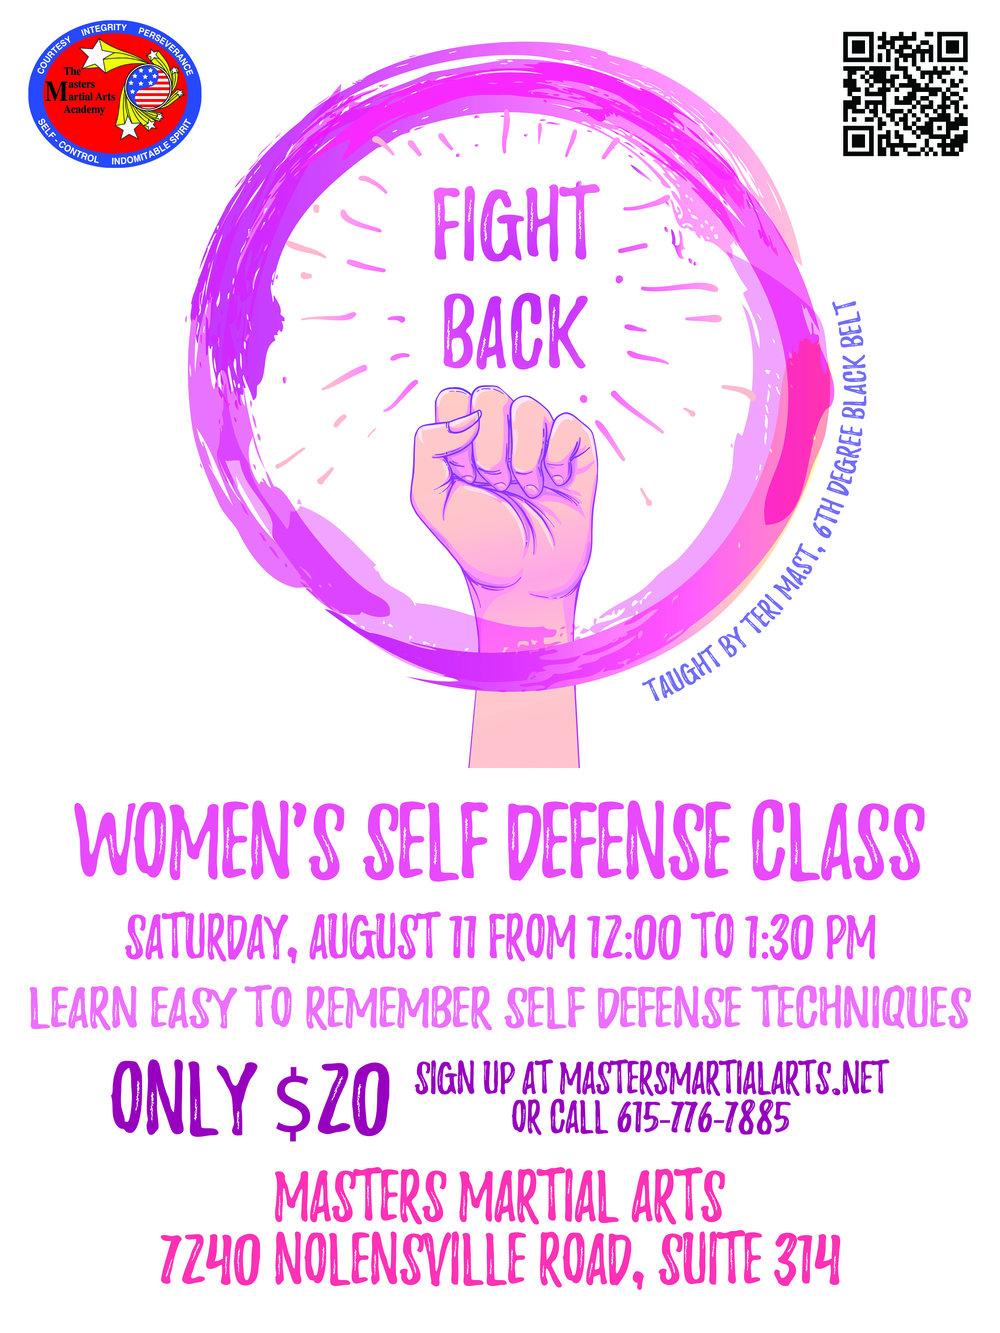 Self Defense Class Flyer